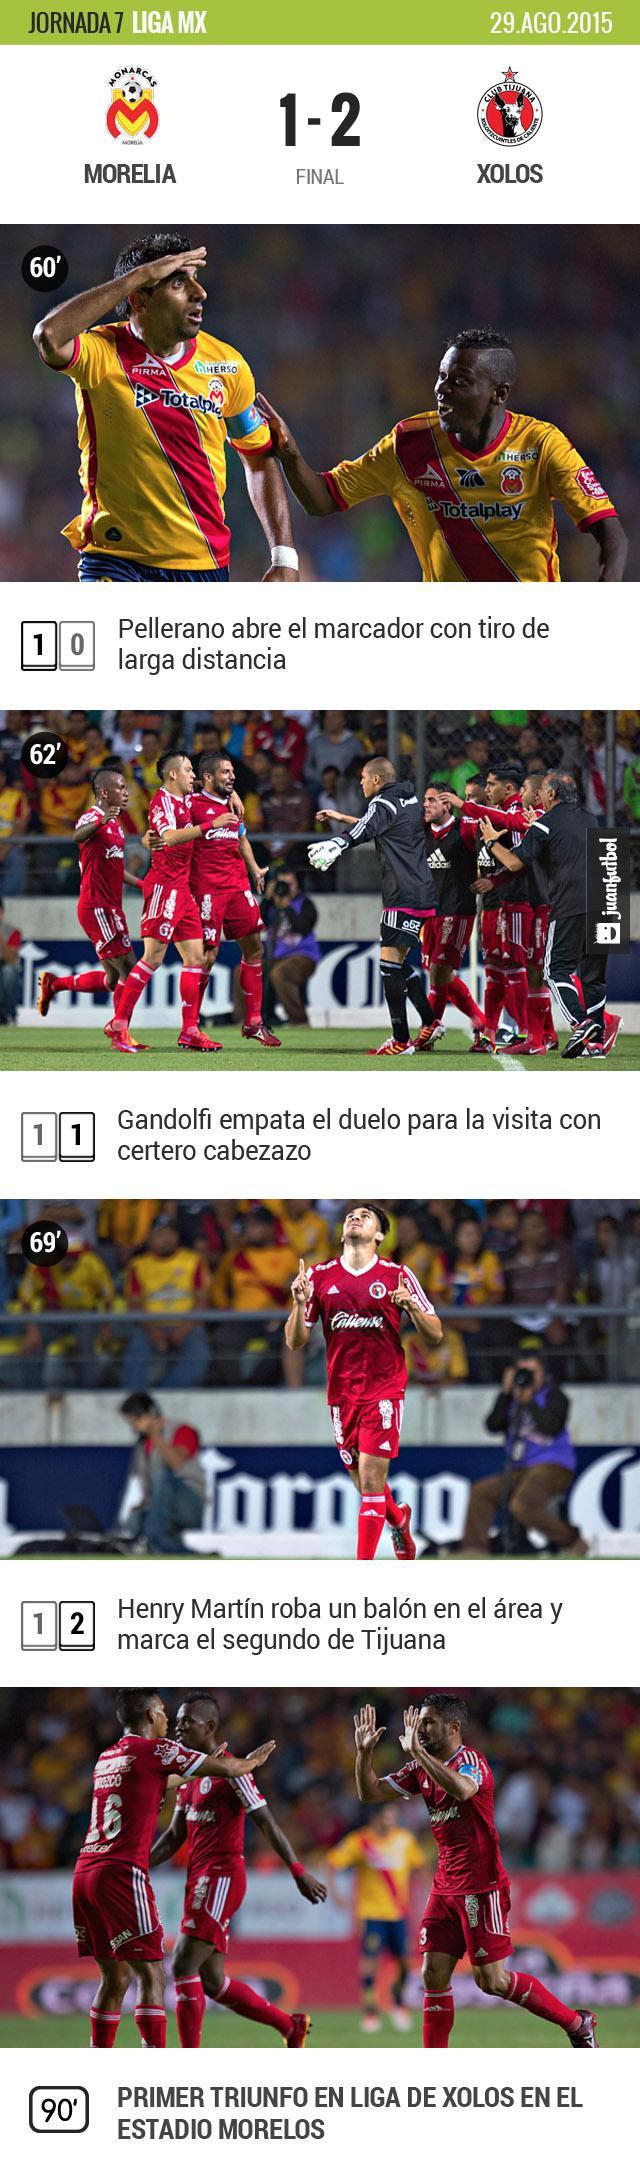 Xolos dio cuenta de Morelia en el Estadio Morelos